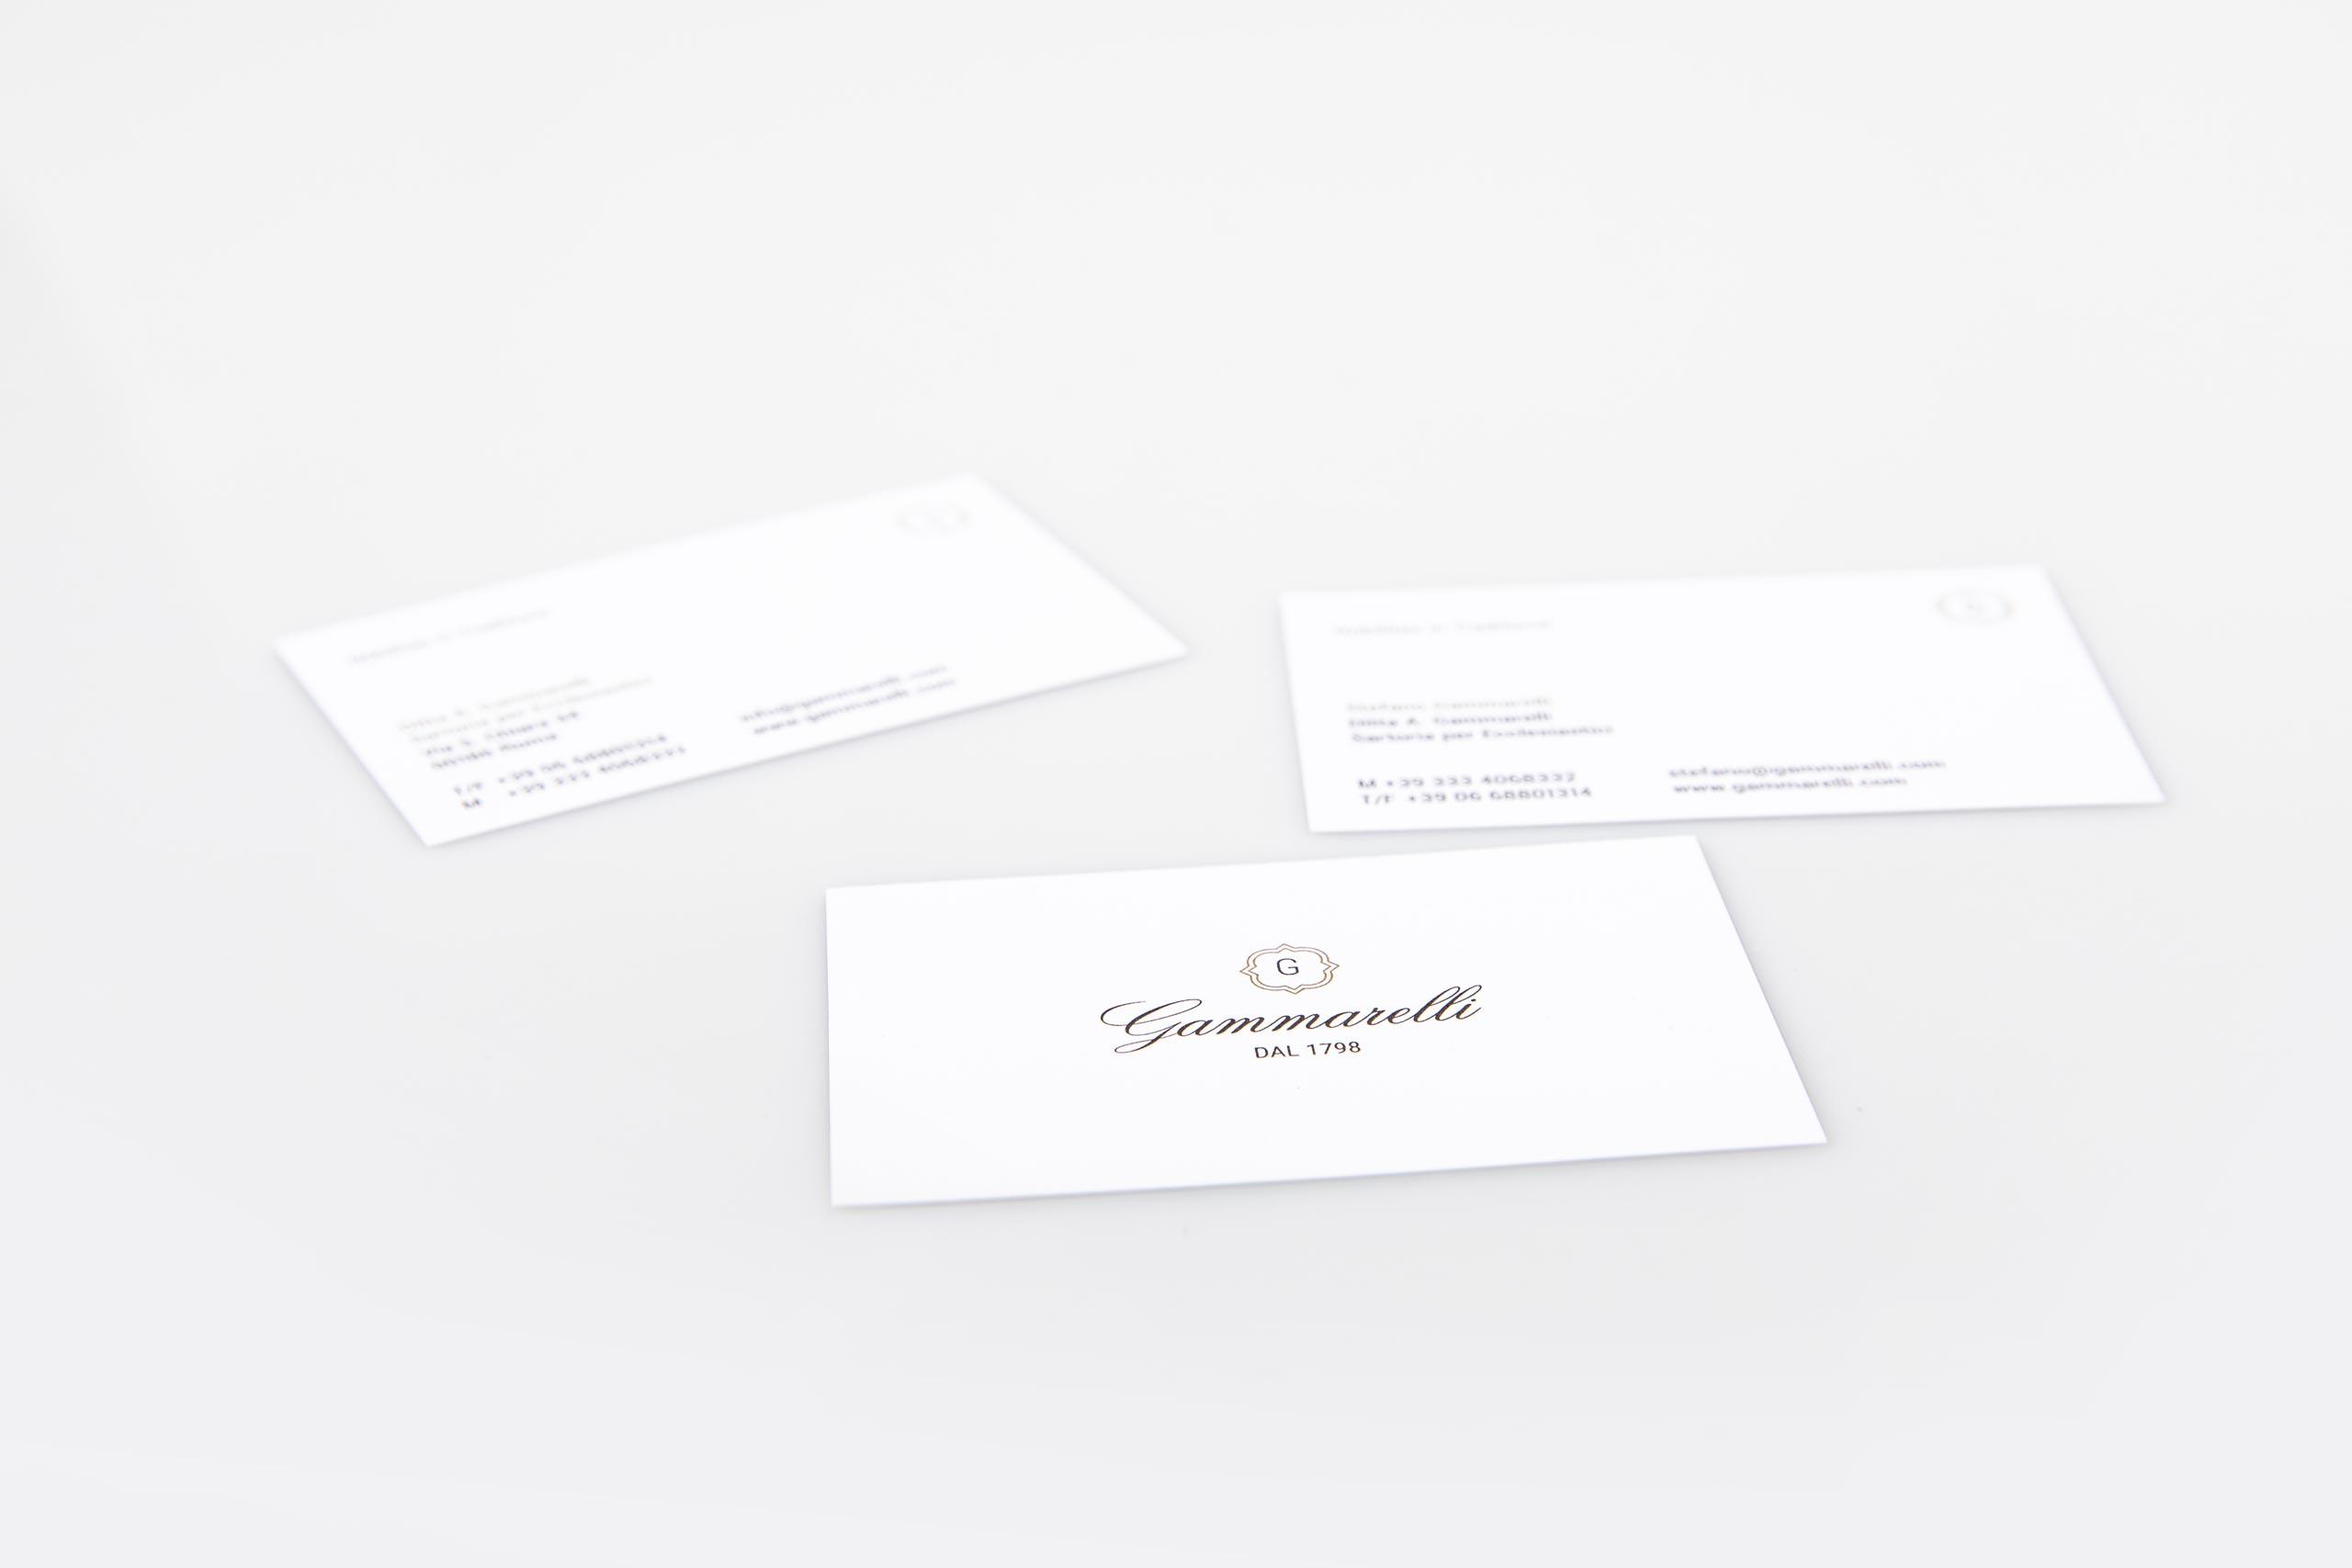 bouncy-particle-comunicazione-marketing-gammarelli